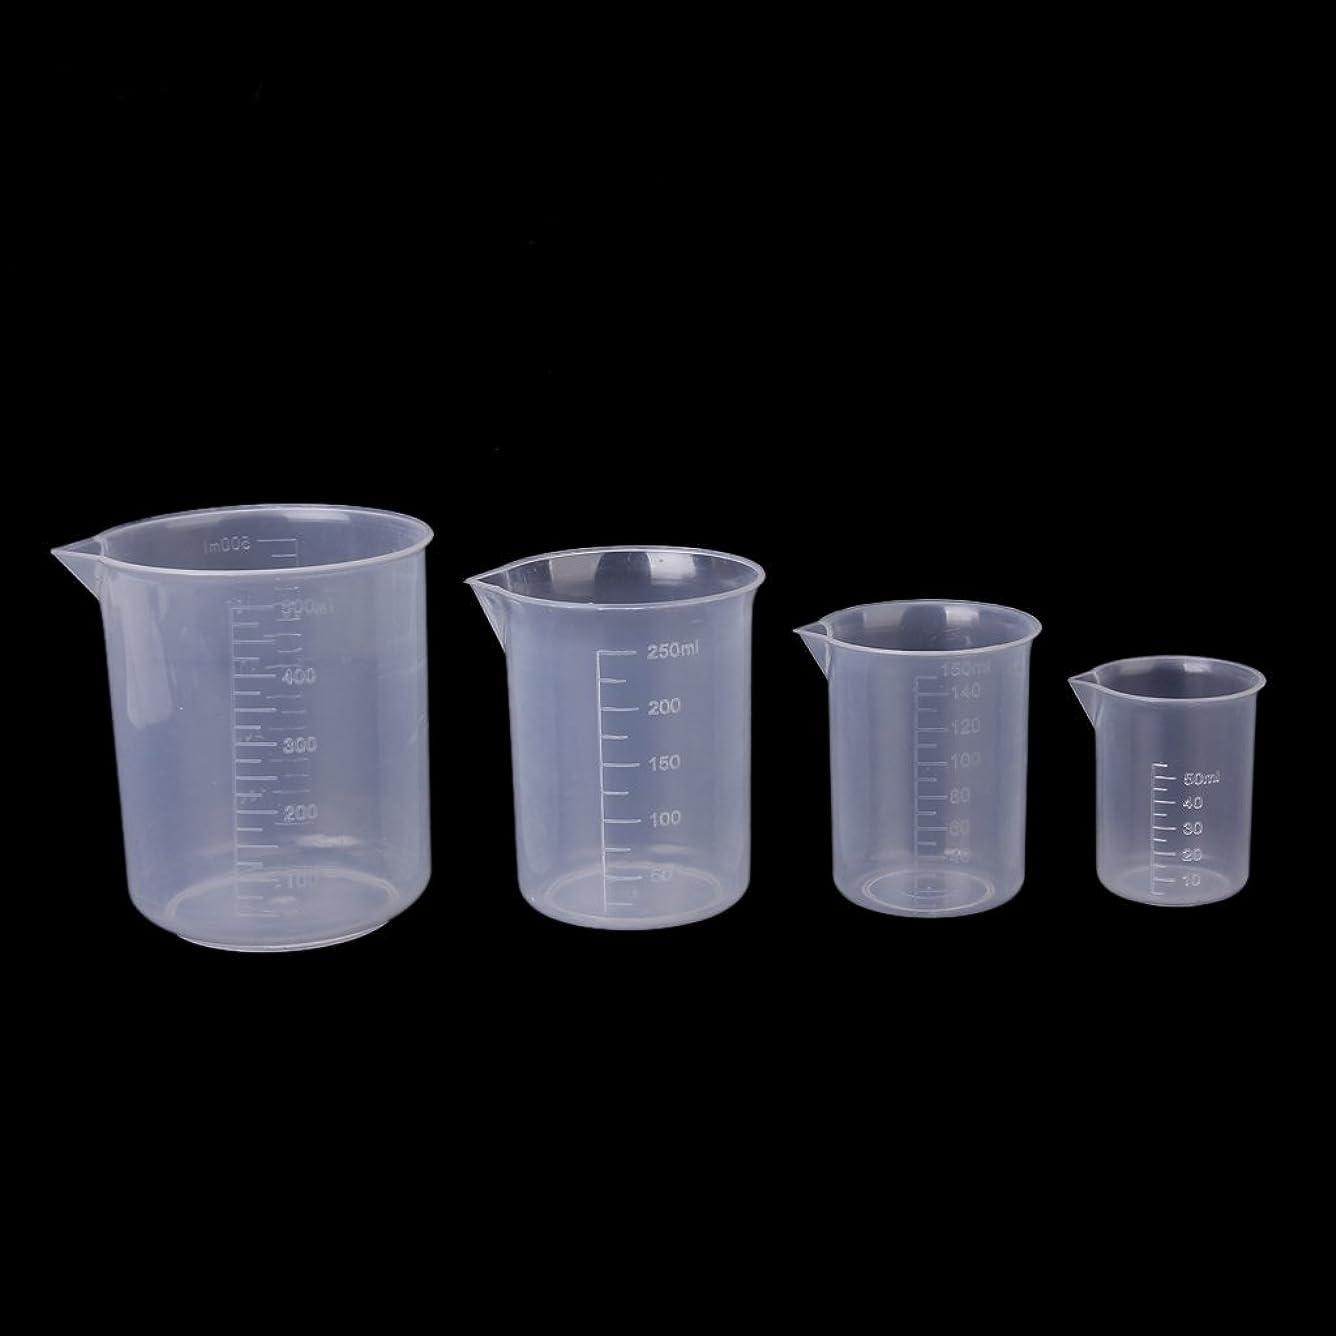 説明的せっかち孤独なgazechimp ビーカー メジャーカップ プラスチック製 クリア 目盛り付 計量 研究器具 実験用品 耐腐食性 2個